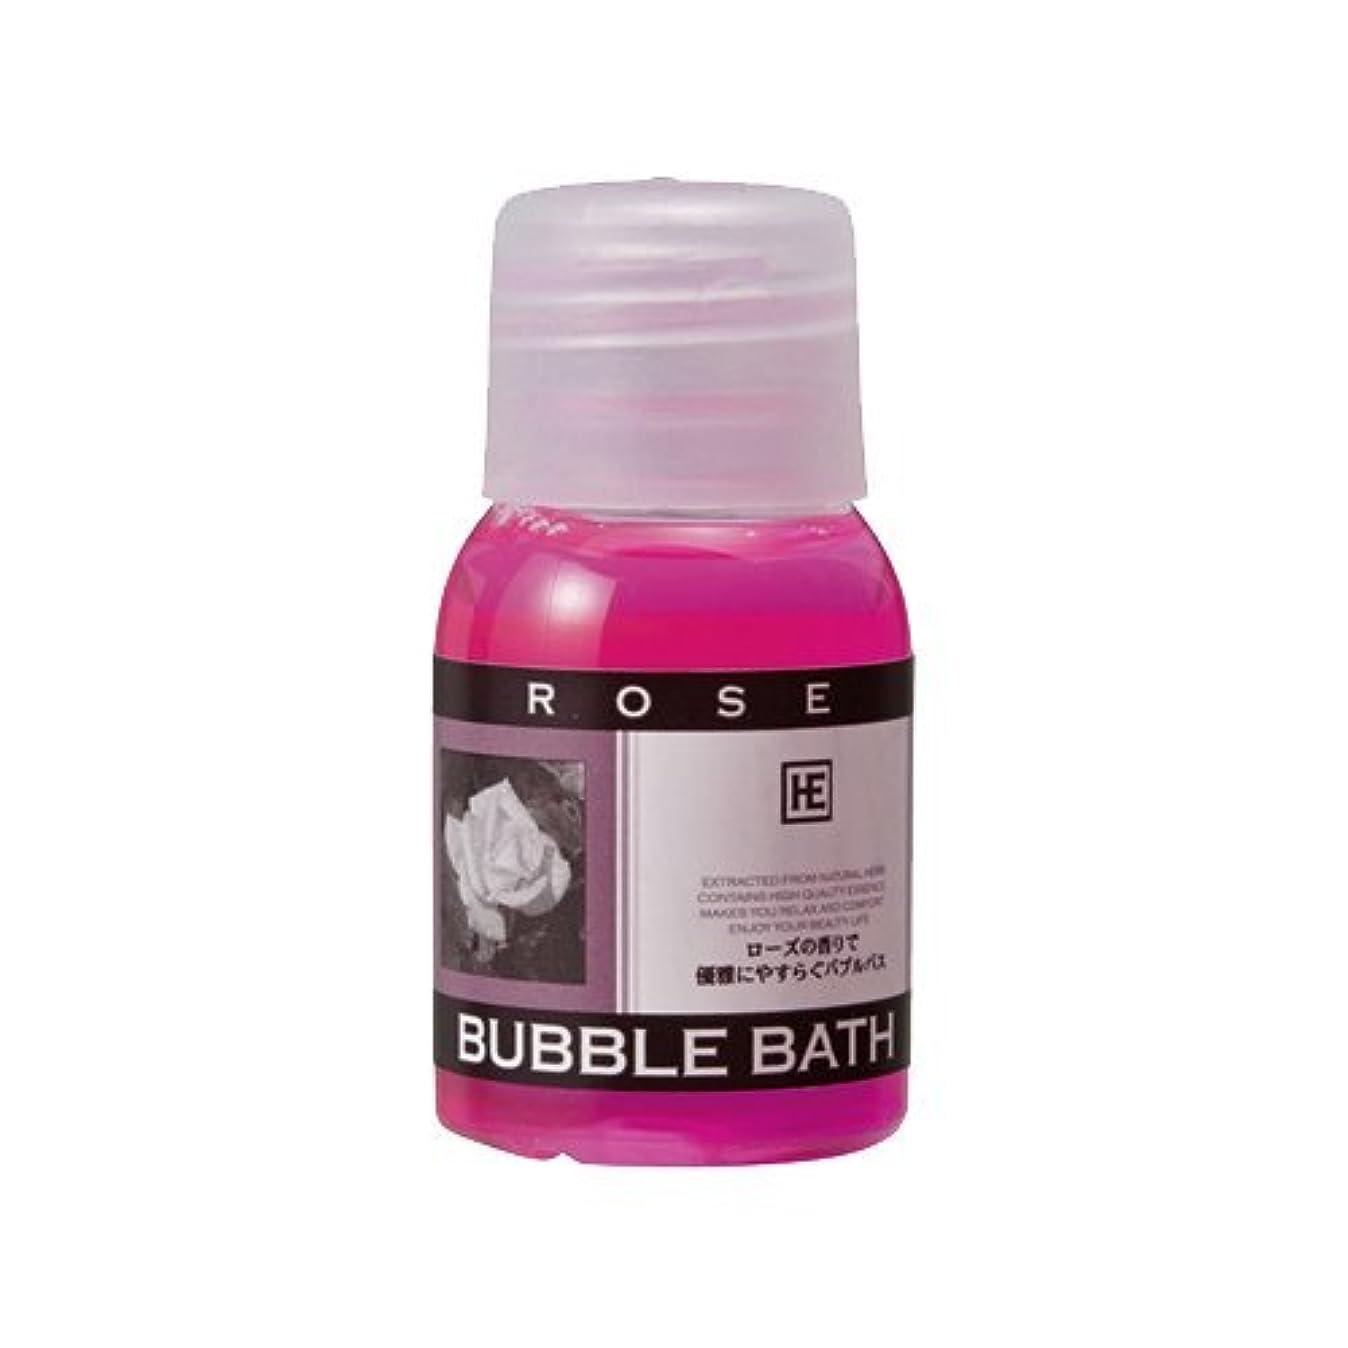 コスチュームテンポファイターハーバルエクストラ バブルバス ミニボトル ローズの香り × 20個セット - ホテルアメニティ 業務用 発泡入浴剤 (BUBBLE BATH)